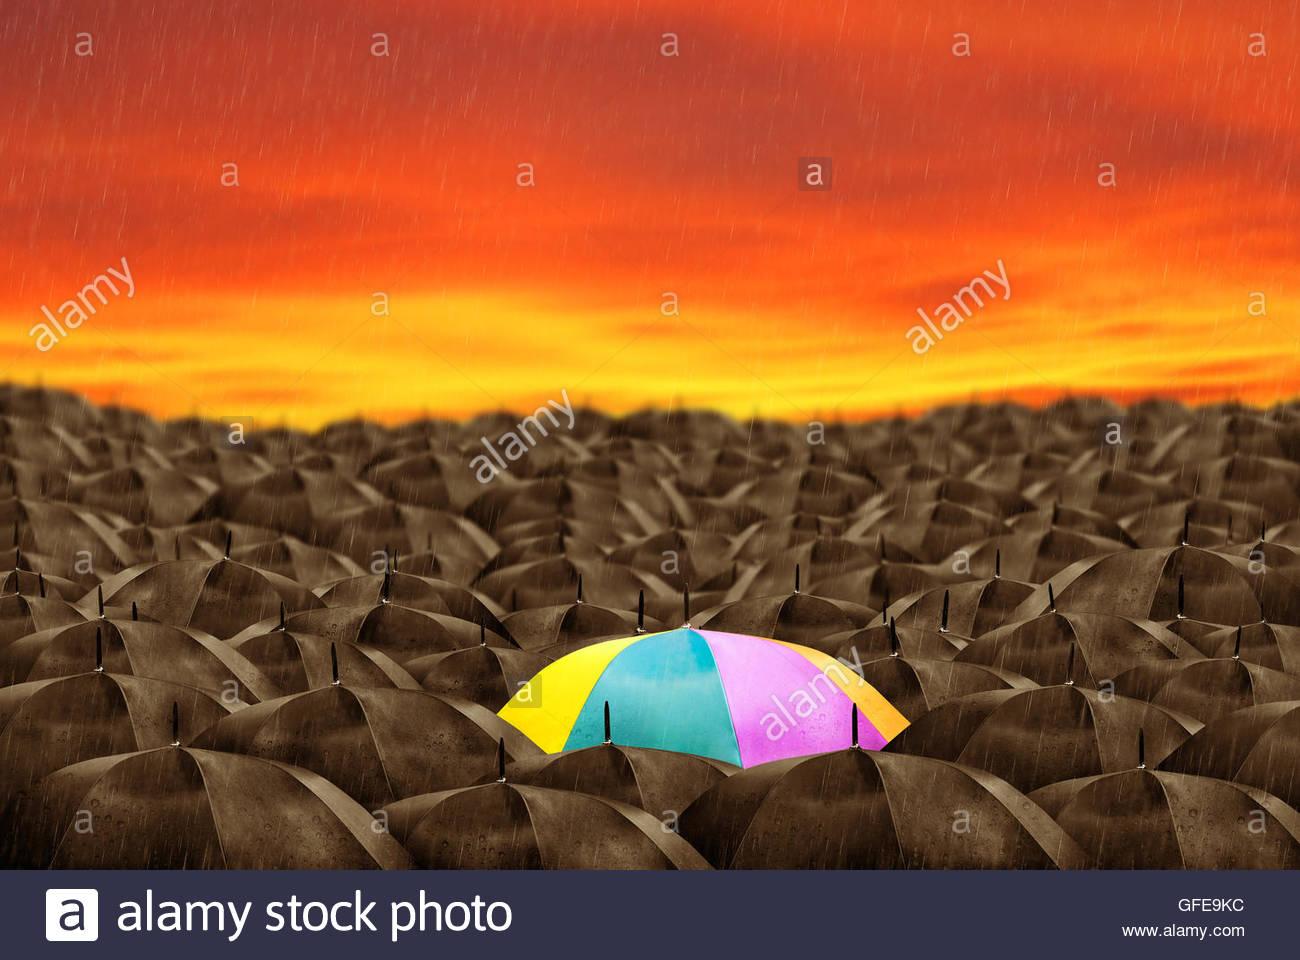 Colorful umbrella in mass of black umbrellas. - Stock Image